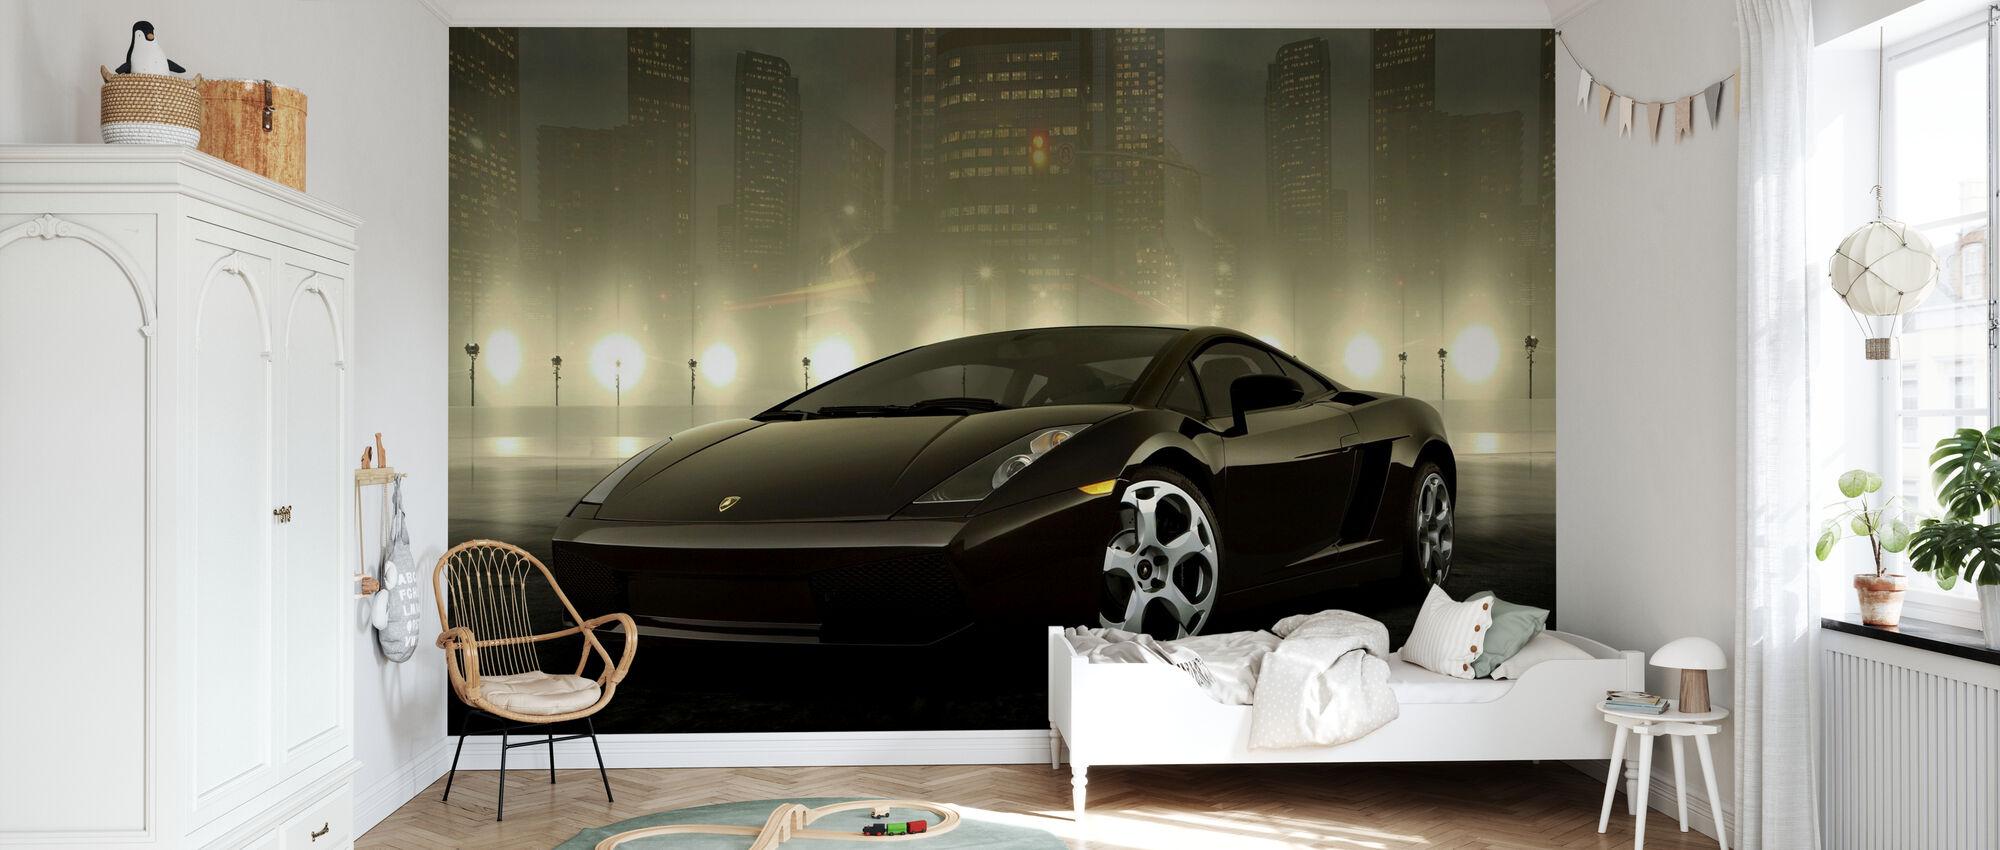 Dark Lamborghini - Wallpaper - Kids Room